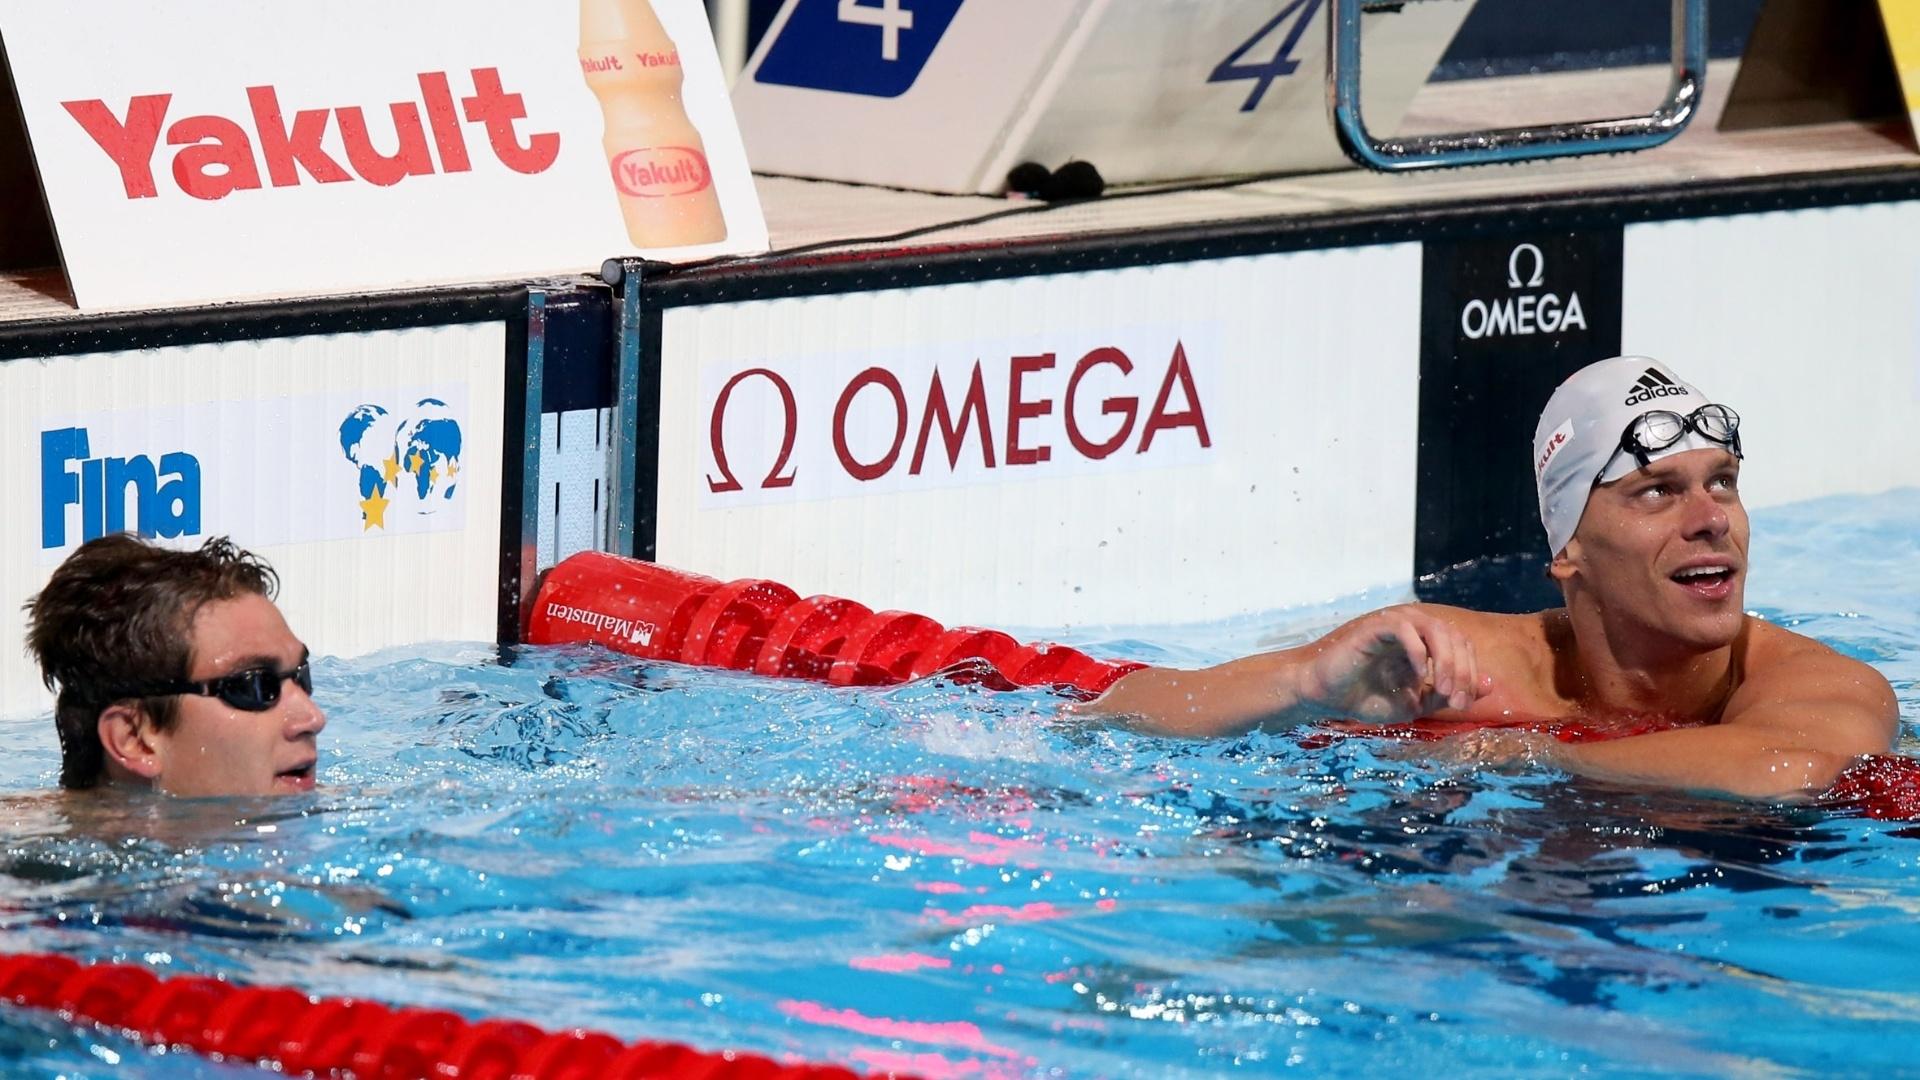 2.ago.2013 - O americano Nathan Adrian e César Cielo empataram na semifinal dos 50 m livre